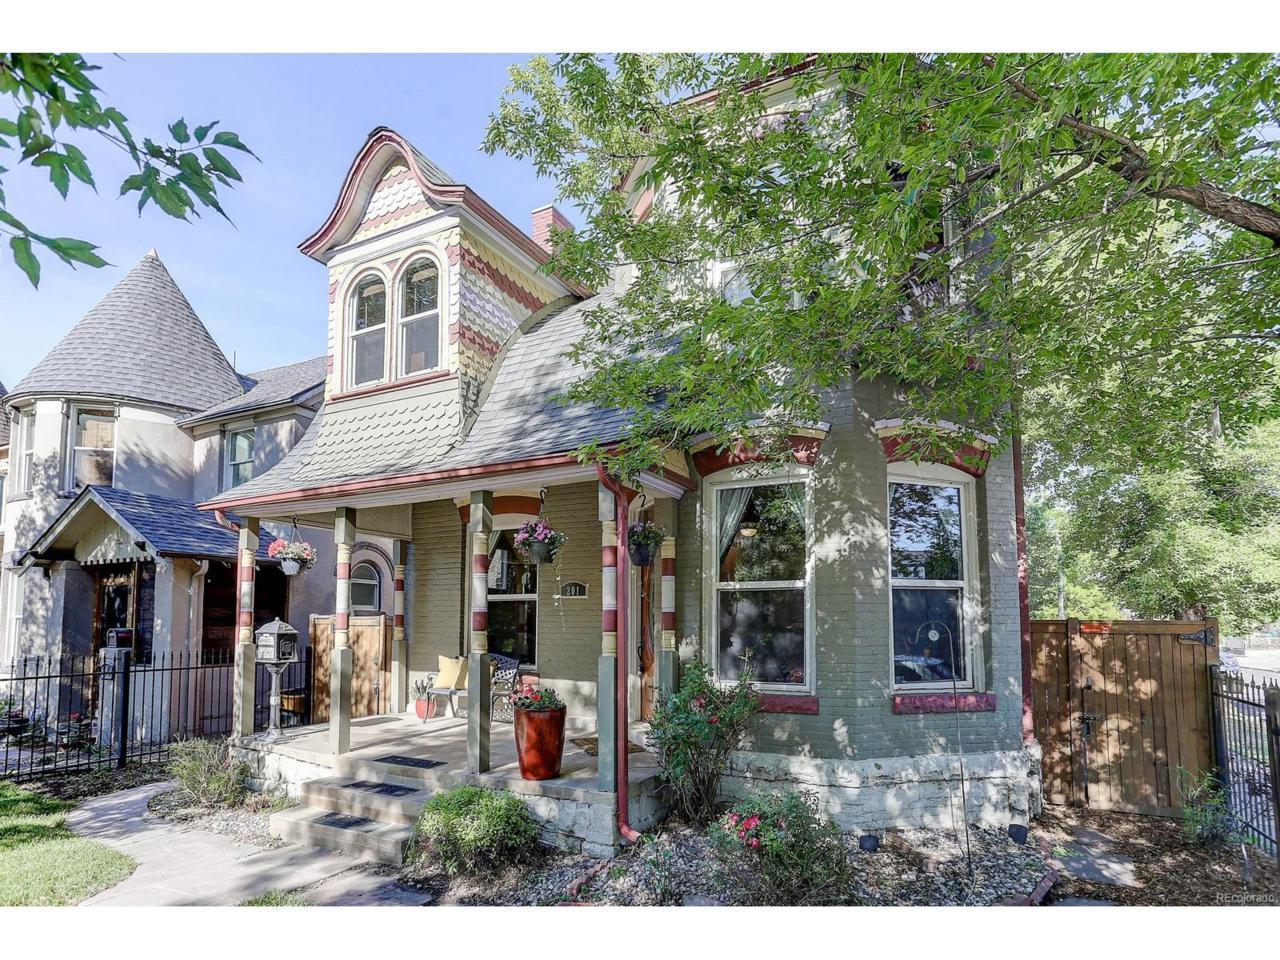 201 S Lincoln Street, Denver, CO 80209 (MLS #2083167) :: 8z Real Estate